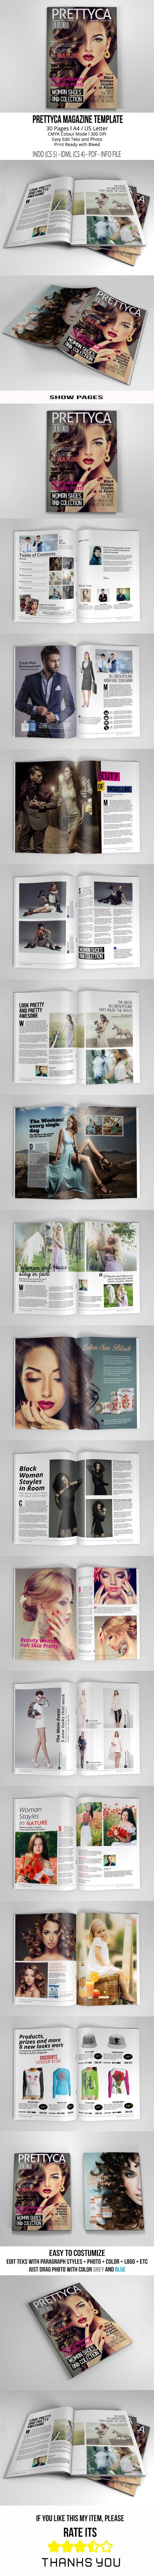 Prettyca Magazine Vol.2 A4/US Letter